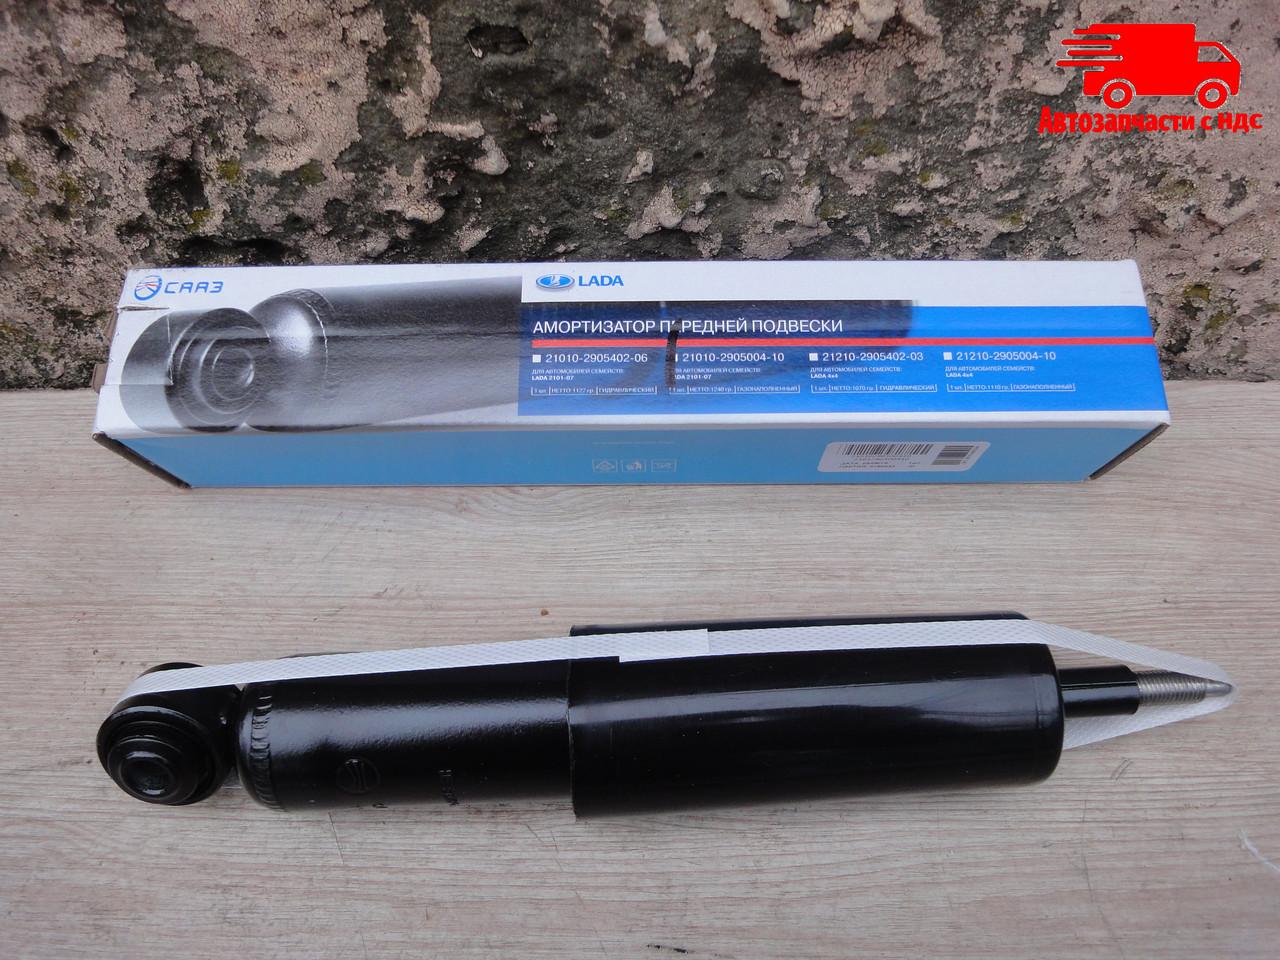 Амортизатор ВАЗ 2101, 2102, 2103, 2104, 2105, 2106, 2107 підвіски передній газовий (р. Скопин).